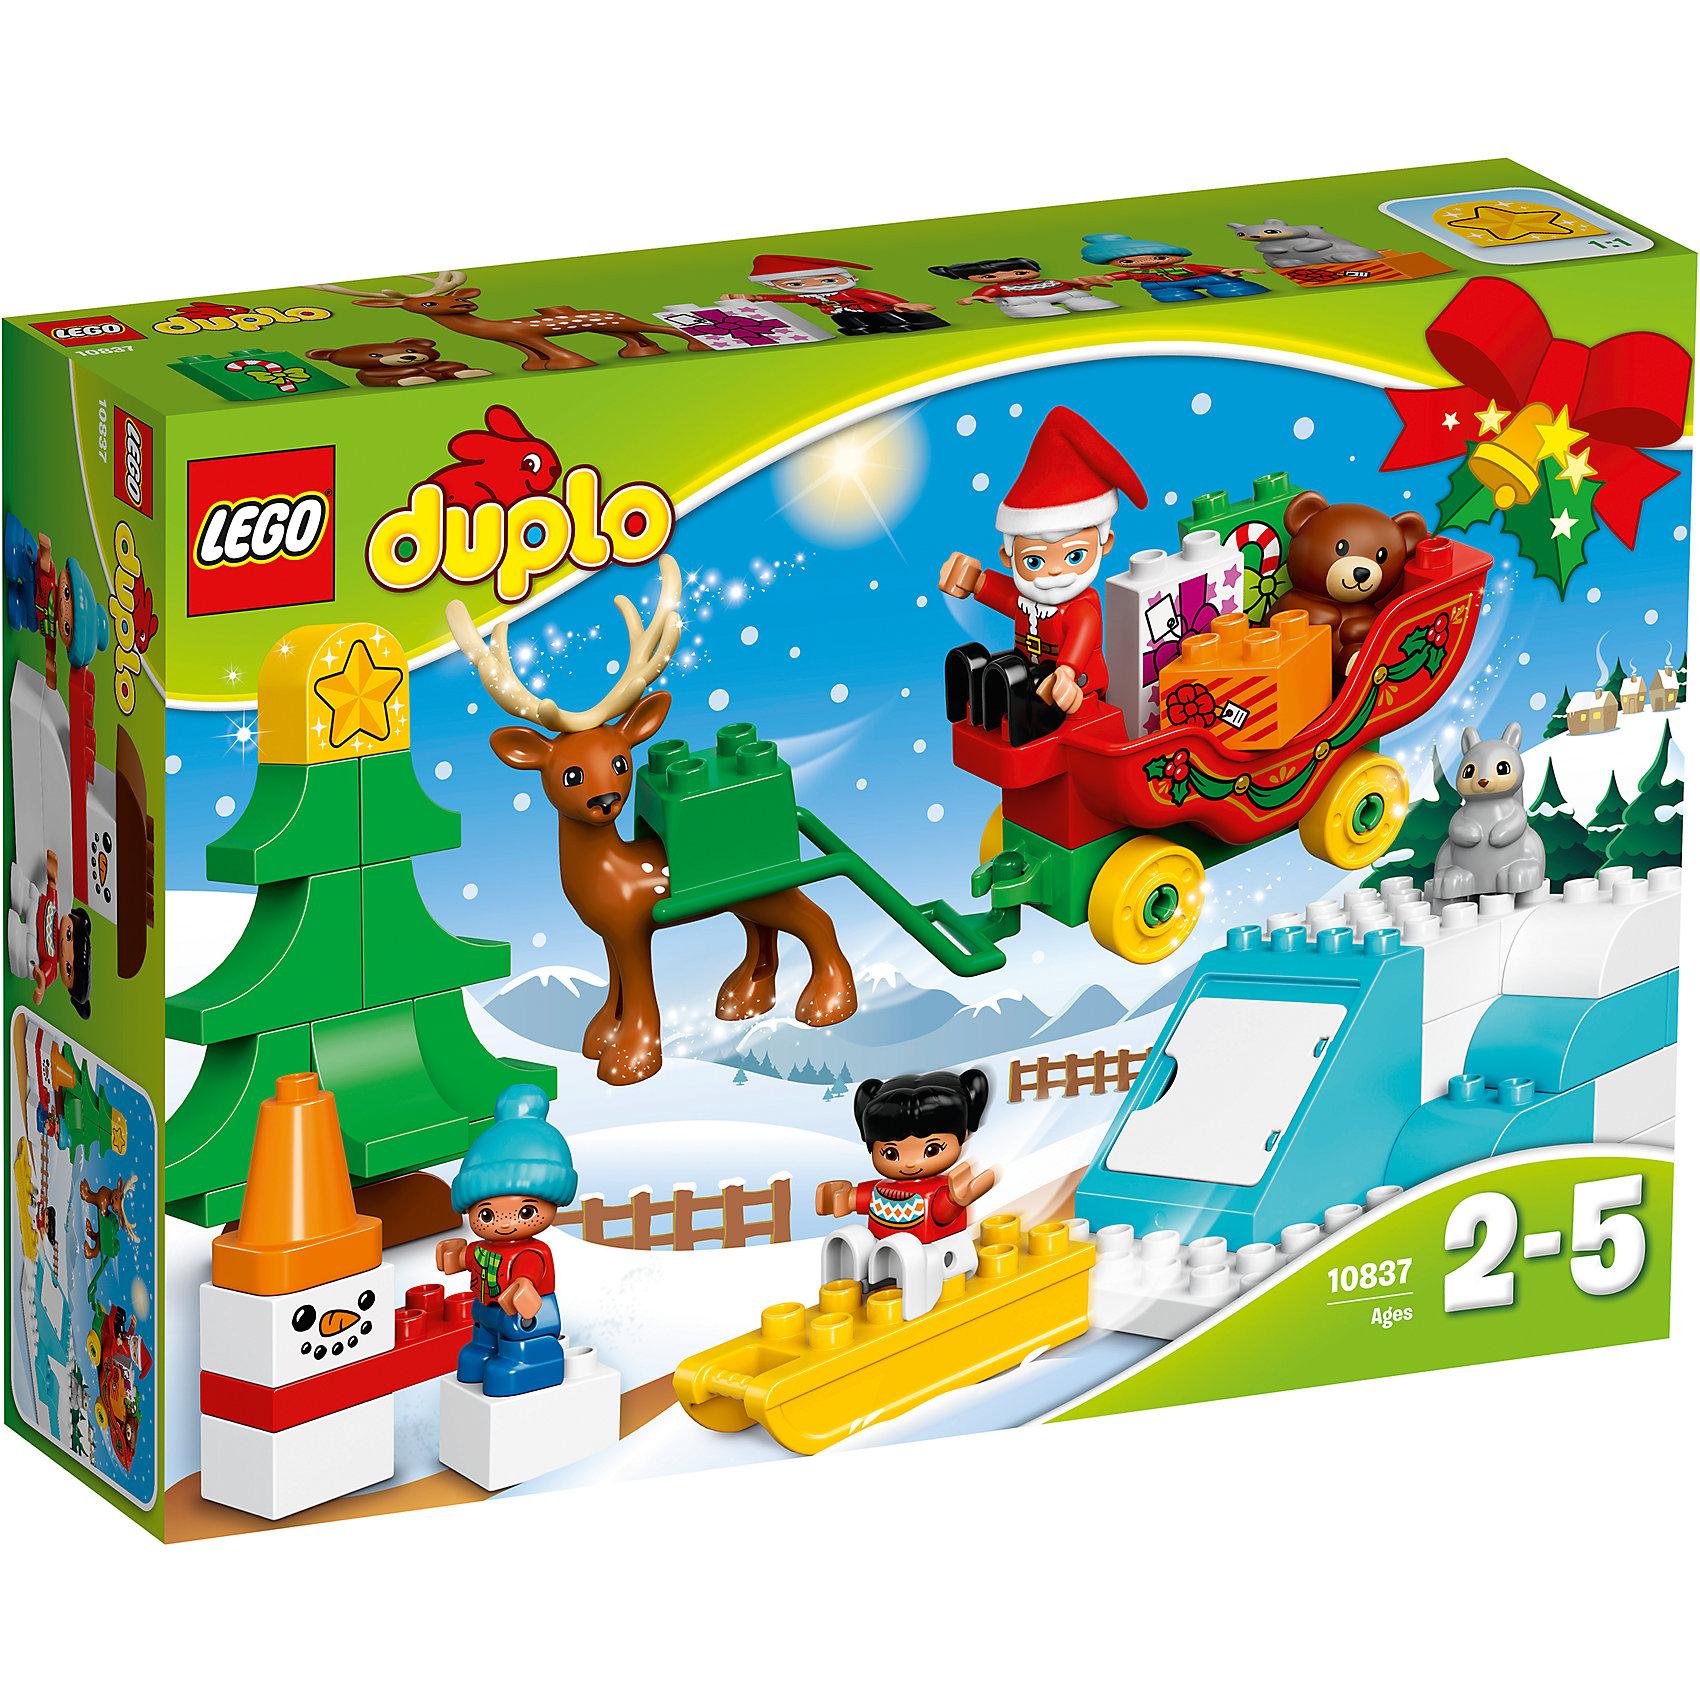 LEGO DUPLO 10837: Новый годКонструкторы для малышей<br><br><br>Ширина мм: 382<br>Глубина мм: 262<br>Высота мм: 94<br>Вес г: 795<br>Возраст от месяцев: 24<br>Возраст до месяцев: 60<br>Пол: Мужской<br>Возраст: Детский<br>SKU: 5620074